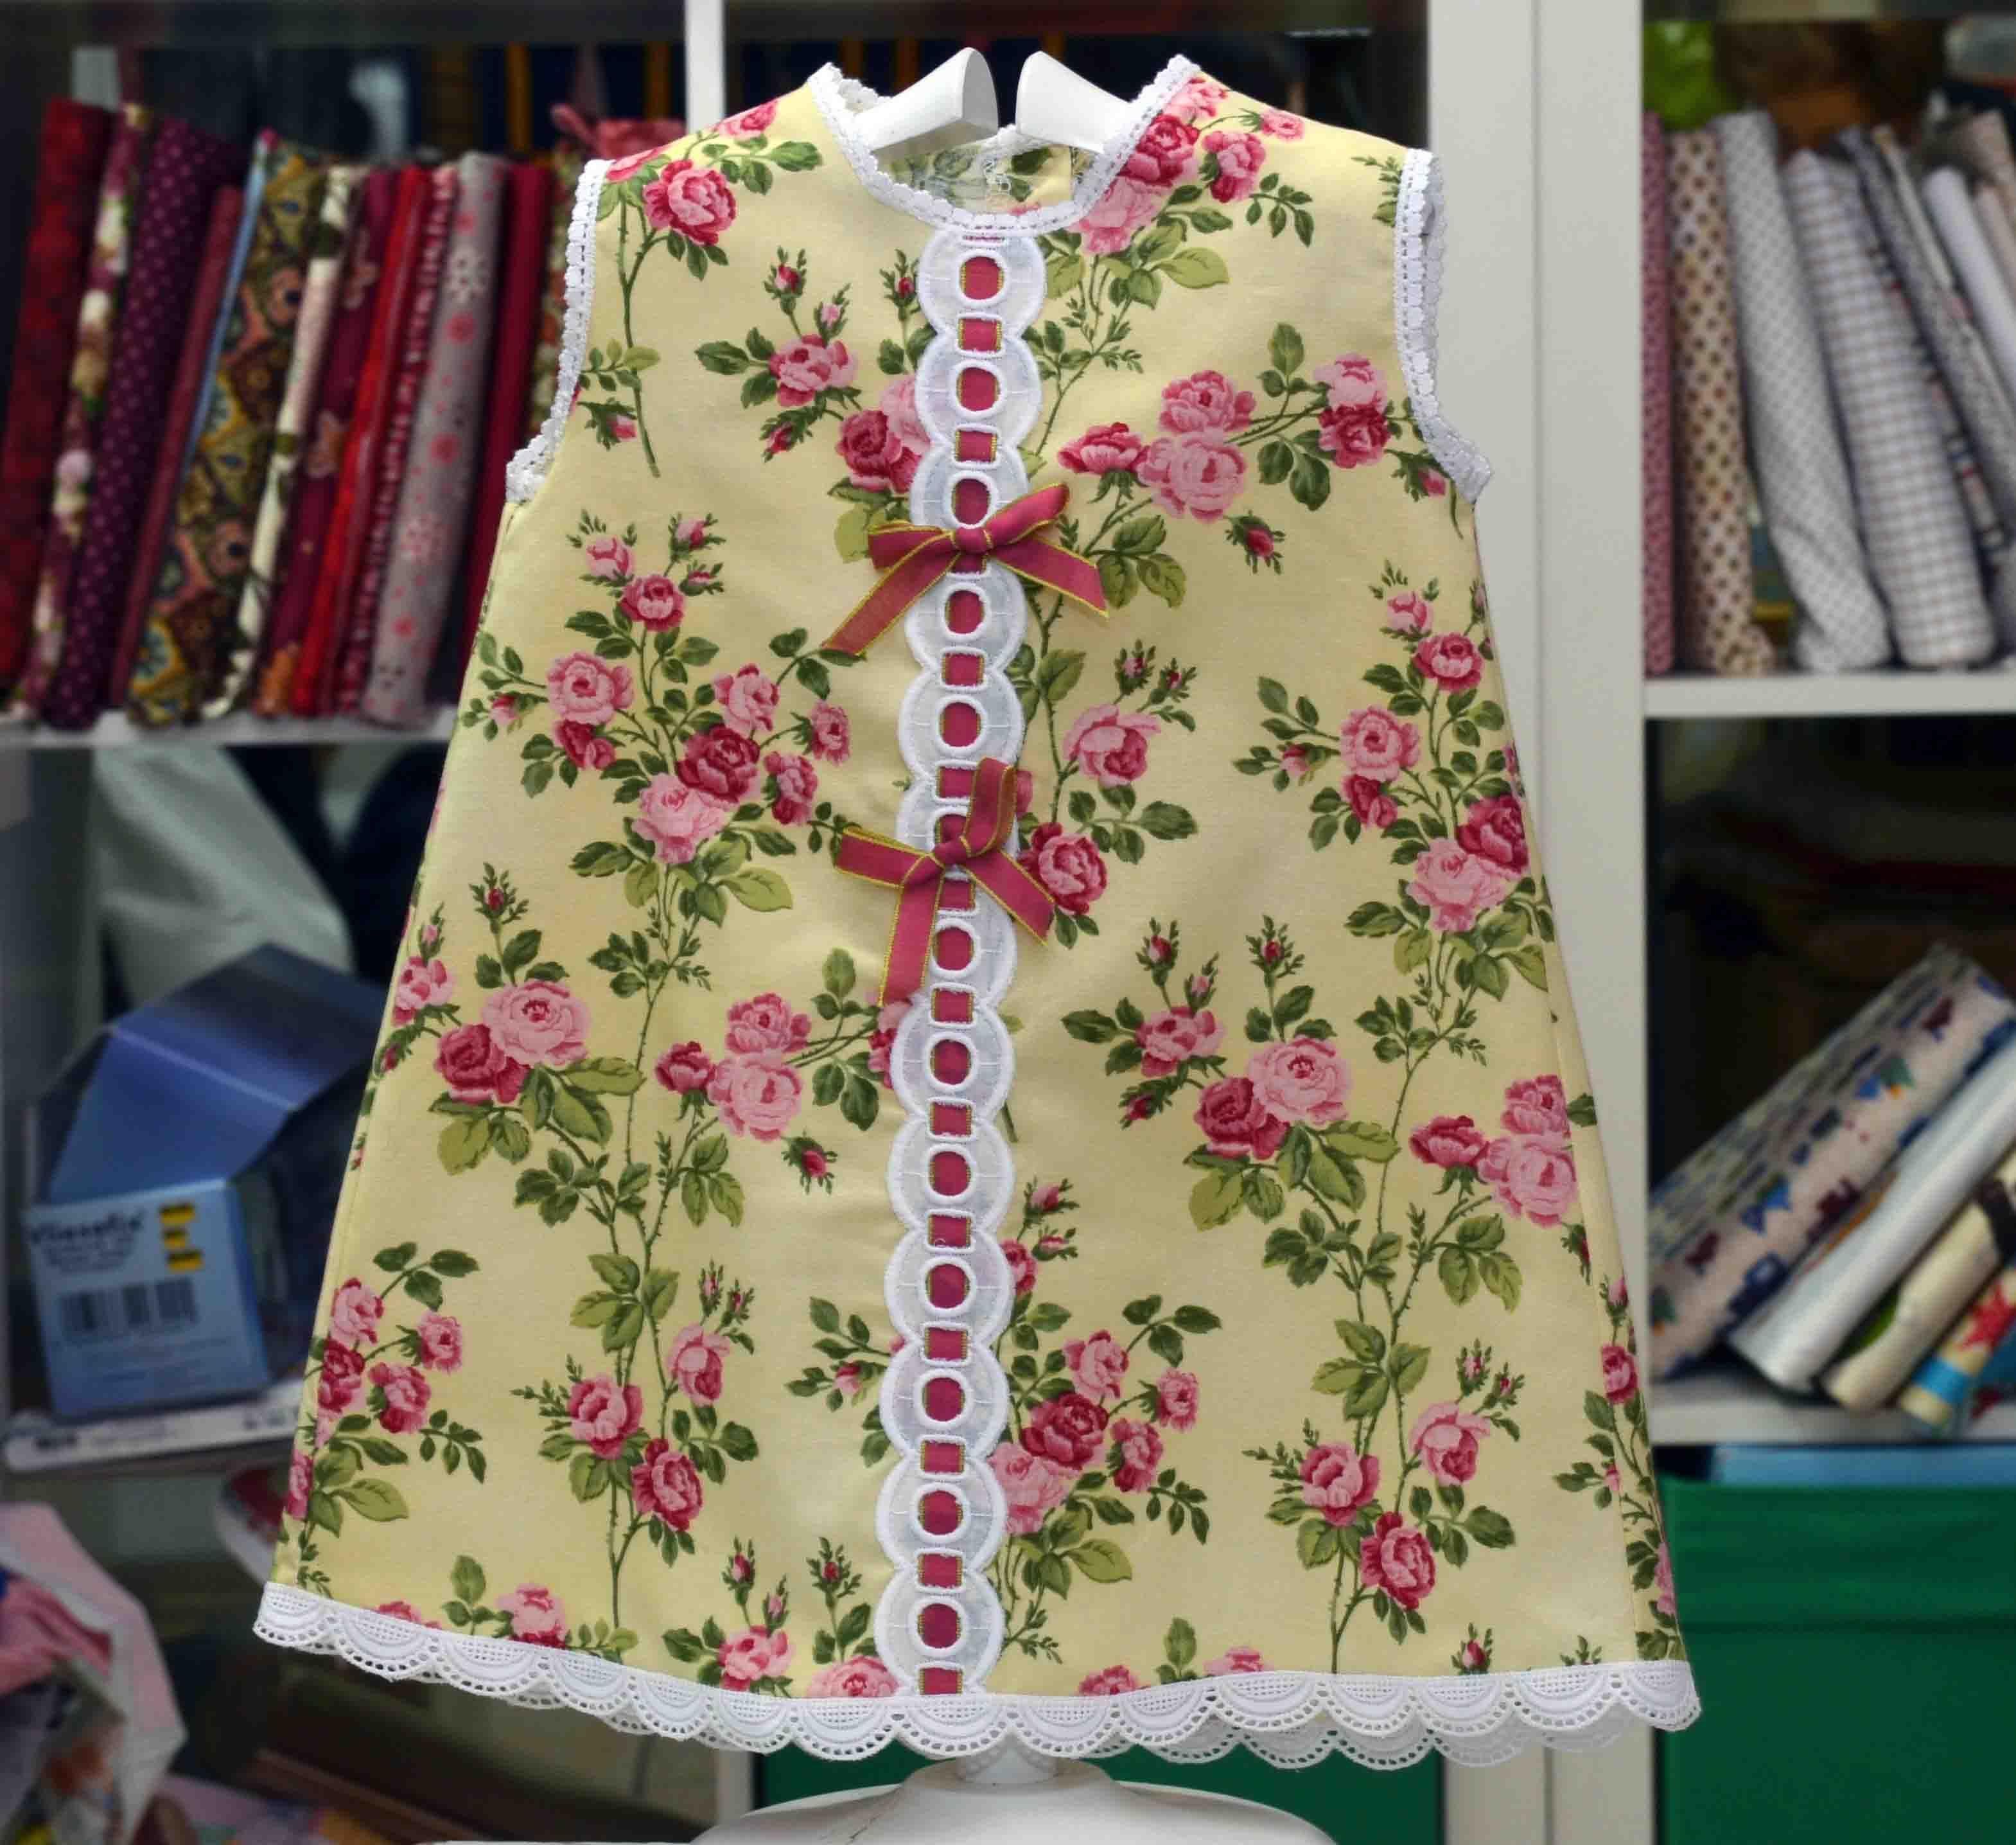 Y más vestidos infantiles, unos proyectos que están gustando mucho. No es para menos porque se trata de unas prendas realmente bonitas y sobre todo muy personales. Ahora que es complicado diferenciarse, hacer las cosas uno mismo, es una manera inmejorable. Una tela bonita, un par de detalles y tenéis esta preciosidad.